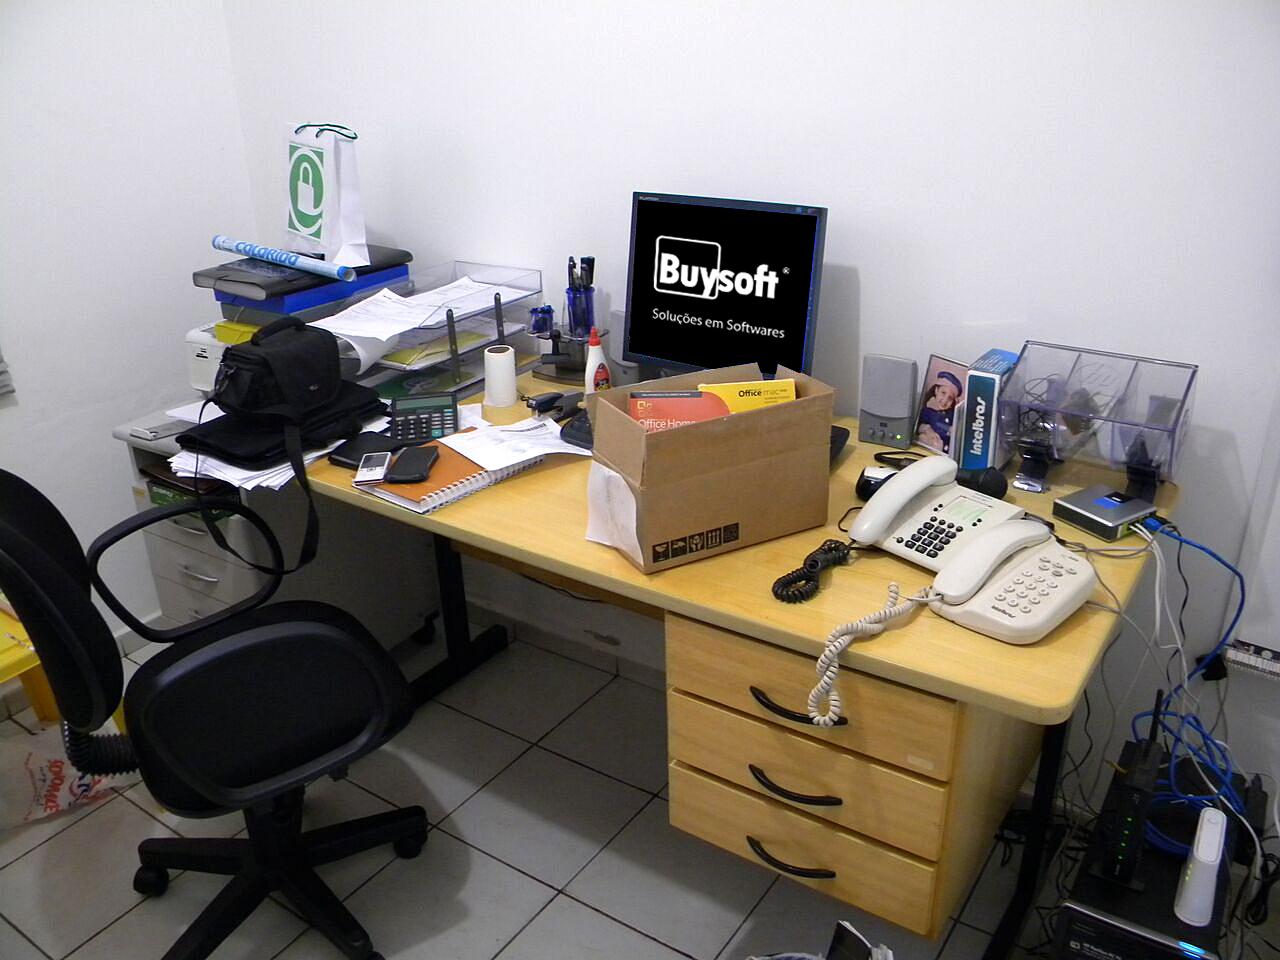 mesa office com telefones e computador com o logo da empresa milionária